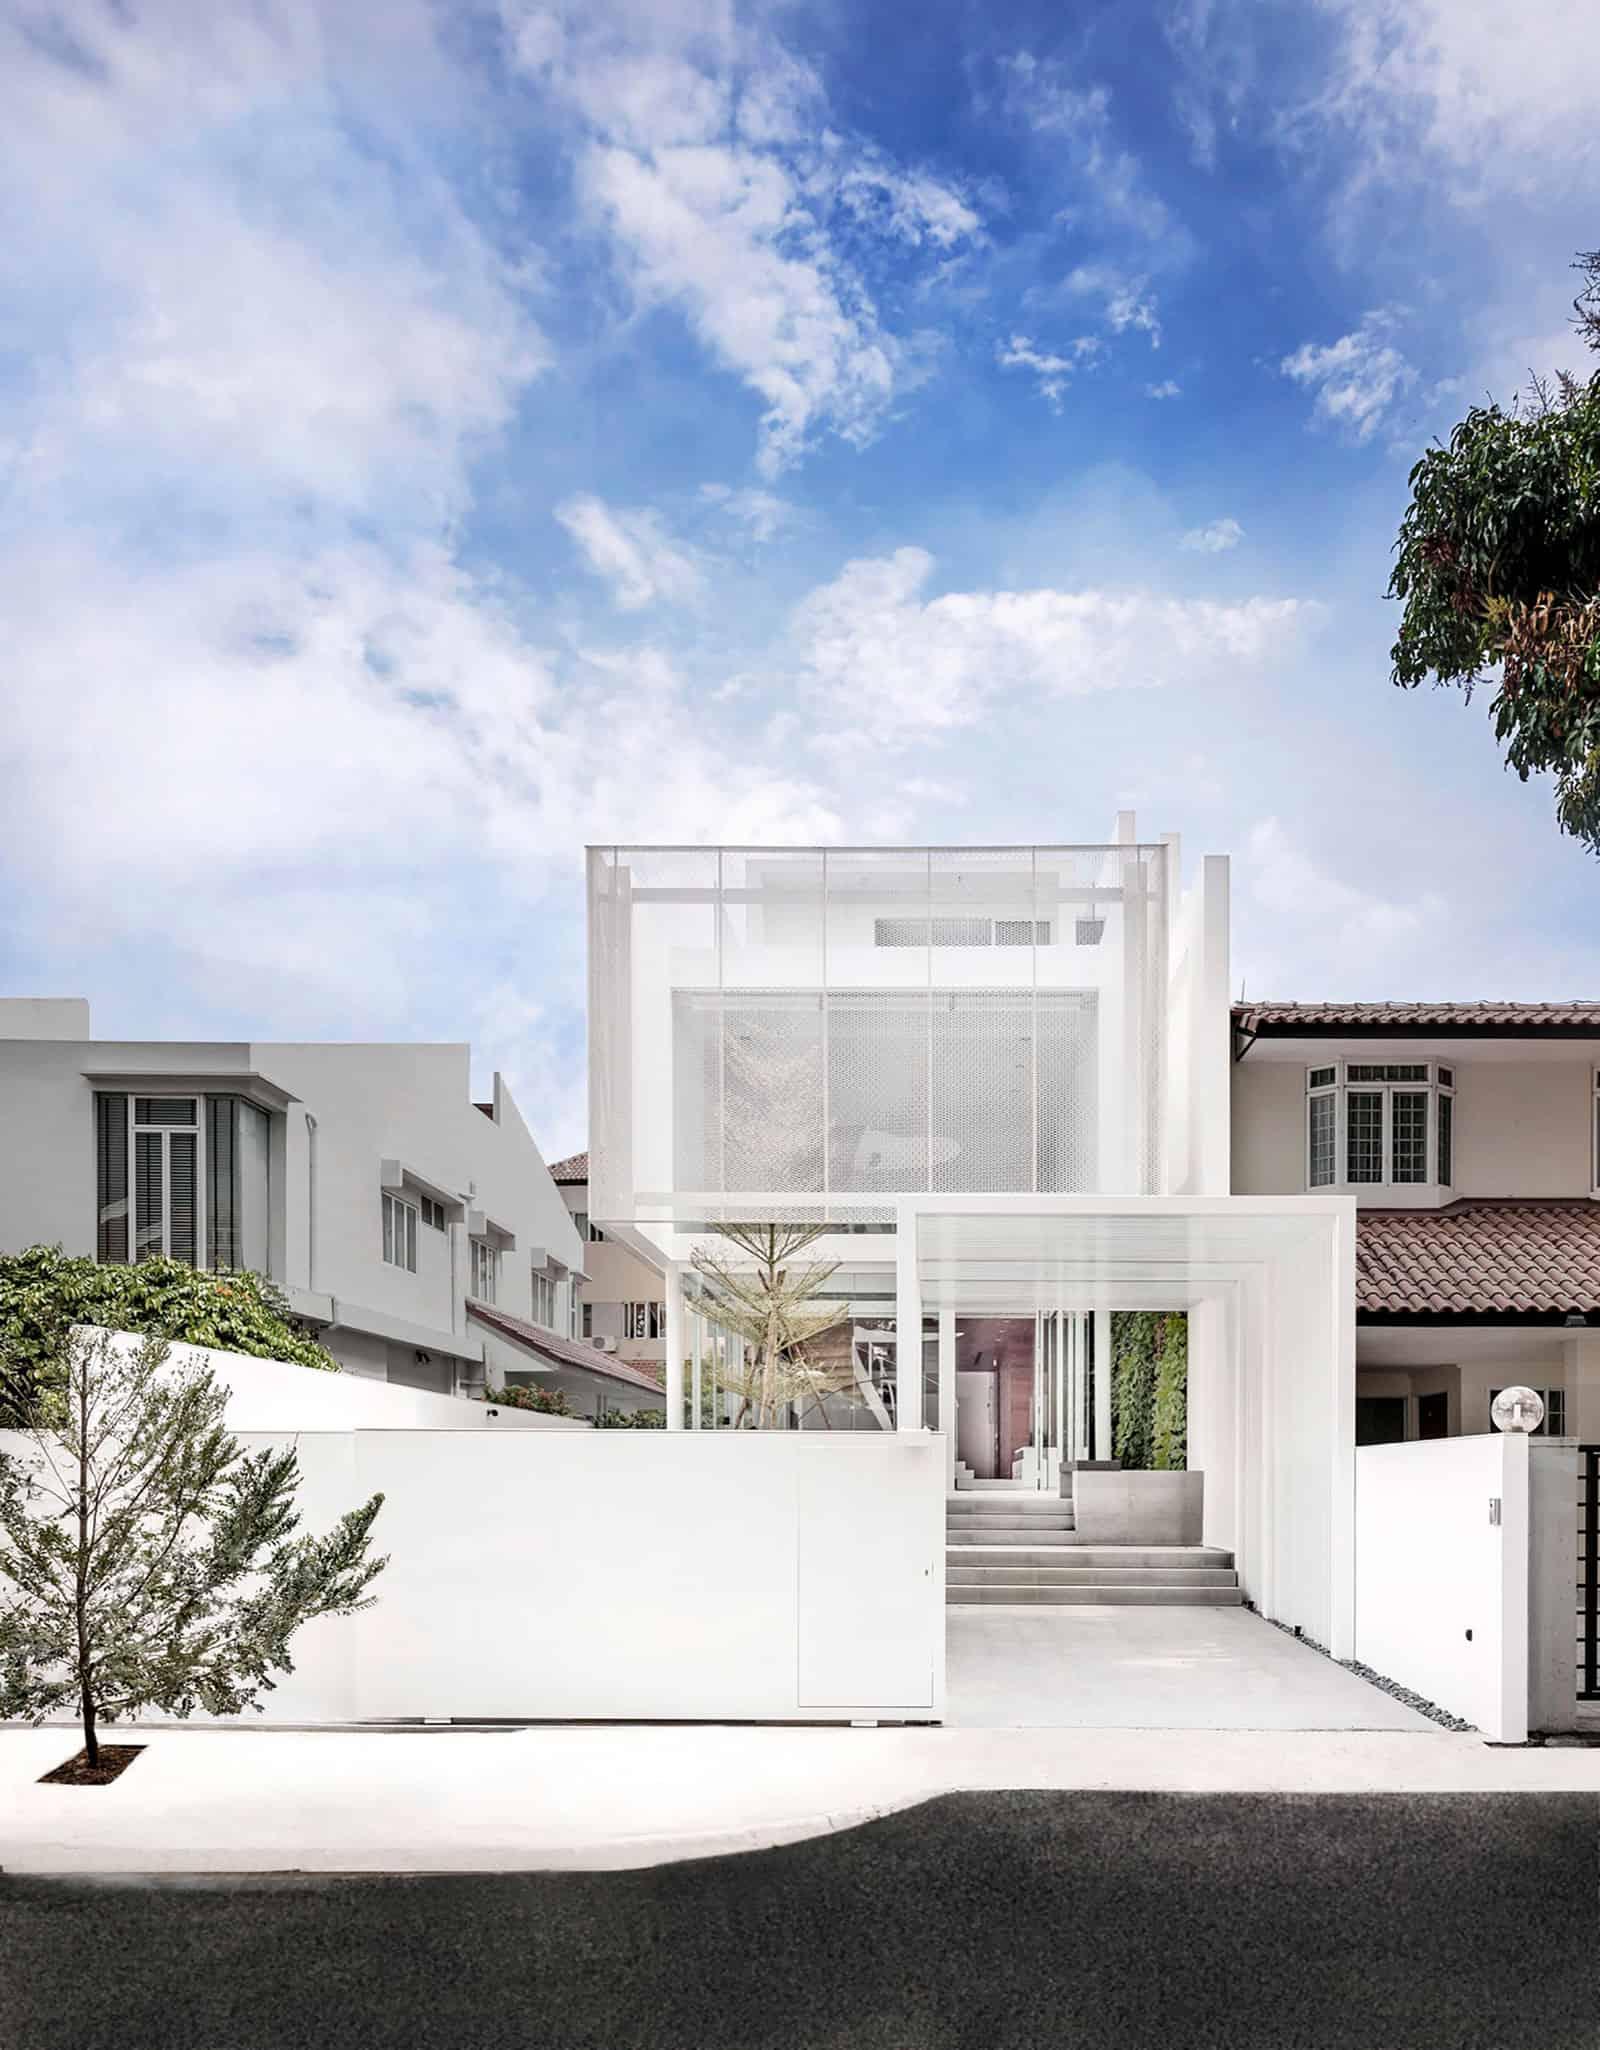 Greja House by Park + Associates (1)